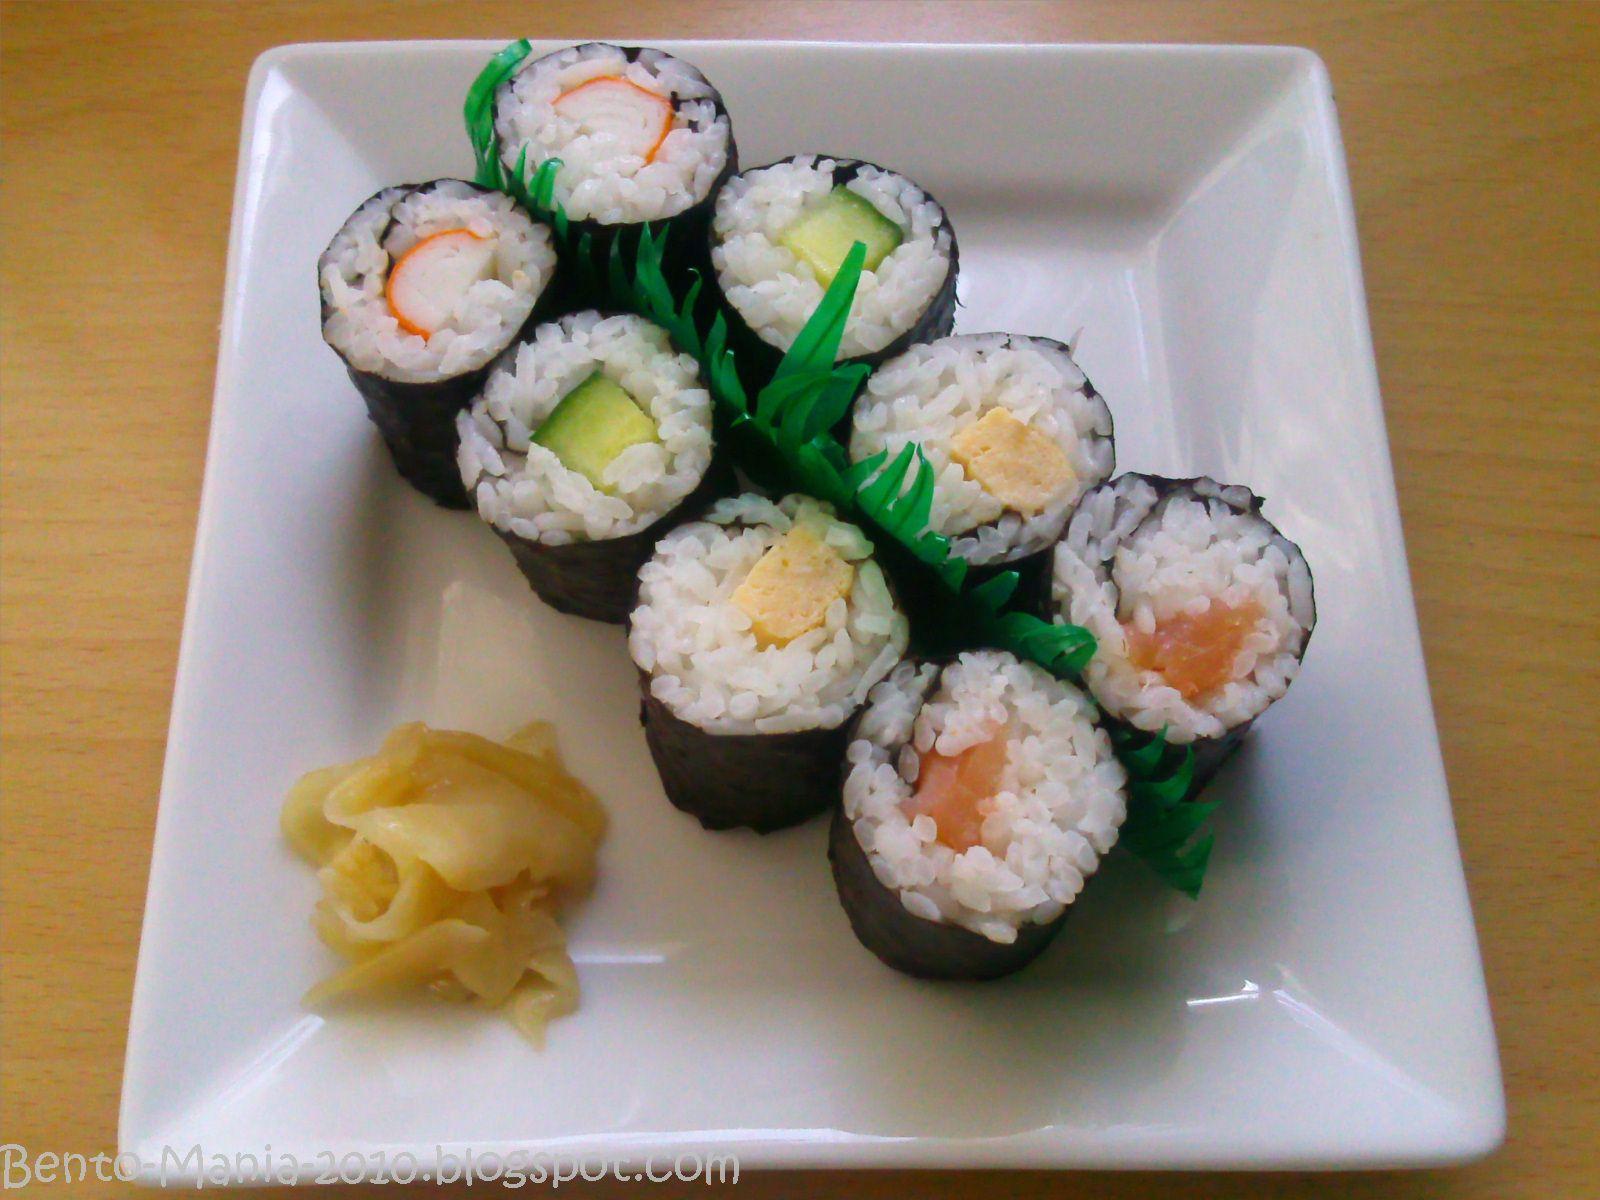 bento mania verr ckt nach der japanischen lunch box rezept maki sushi. Black Bedroom Furniture Sets. Home Design Ideas